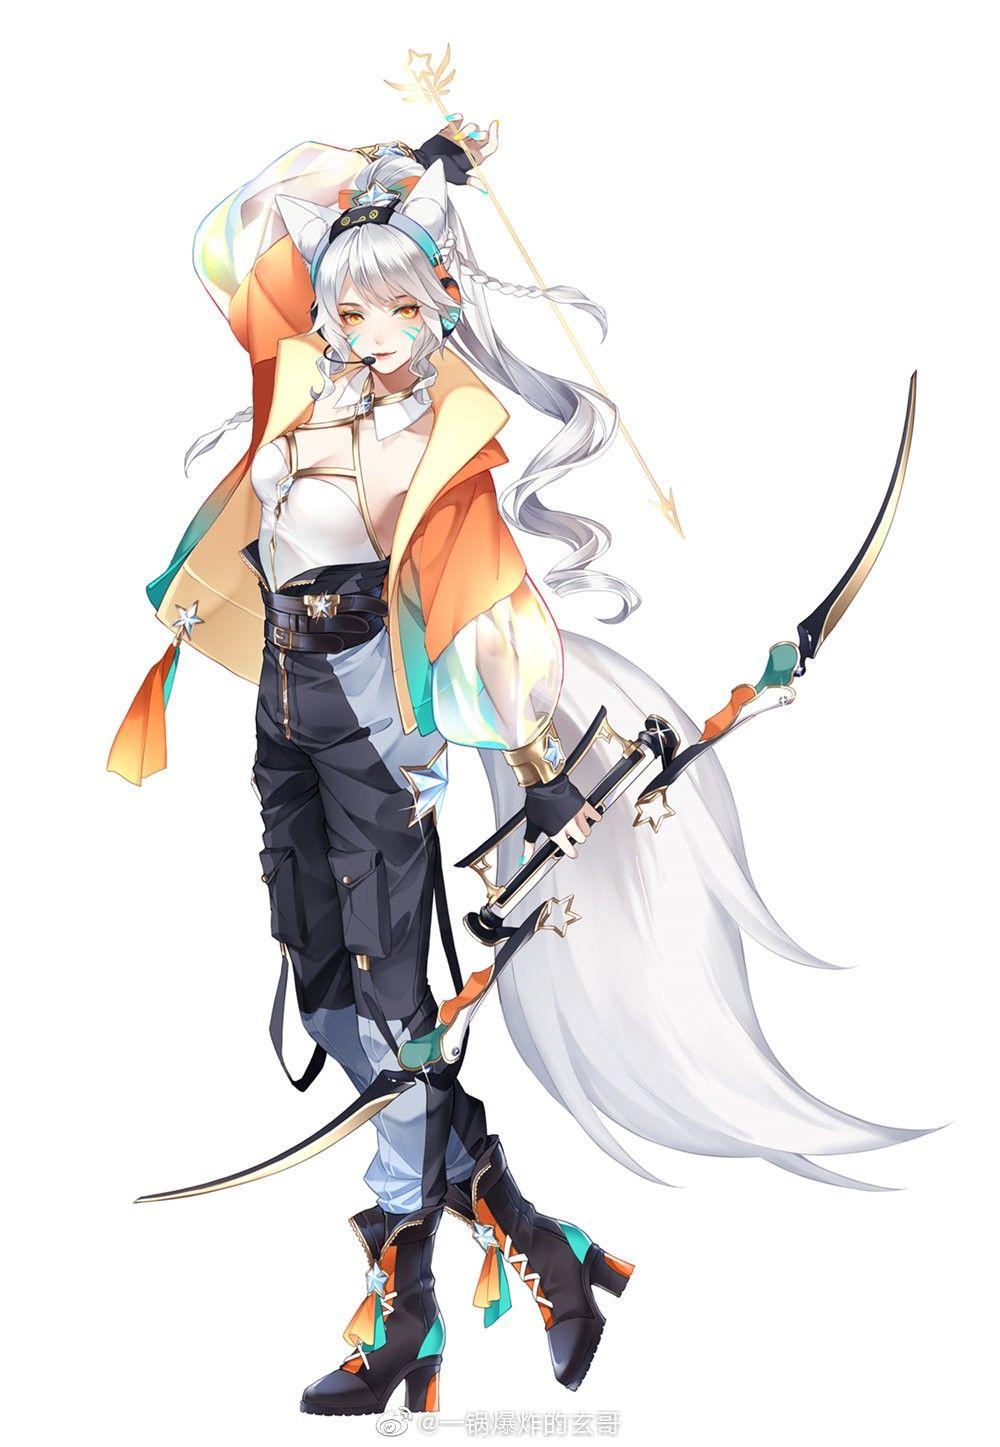 mnizoe184 Cre On pic trong 2020 Nhân vật anime, Chiến